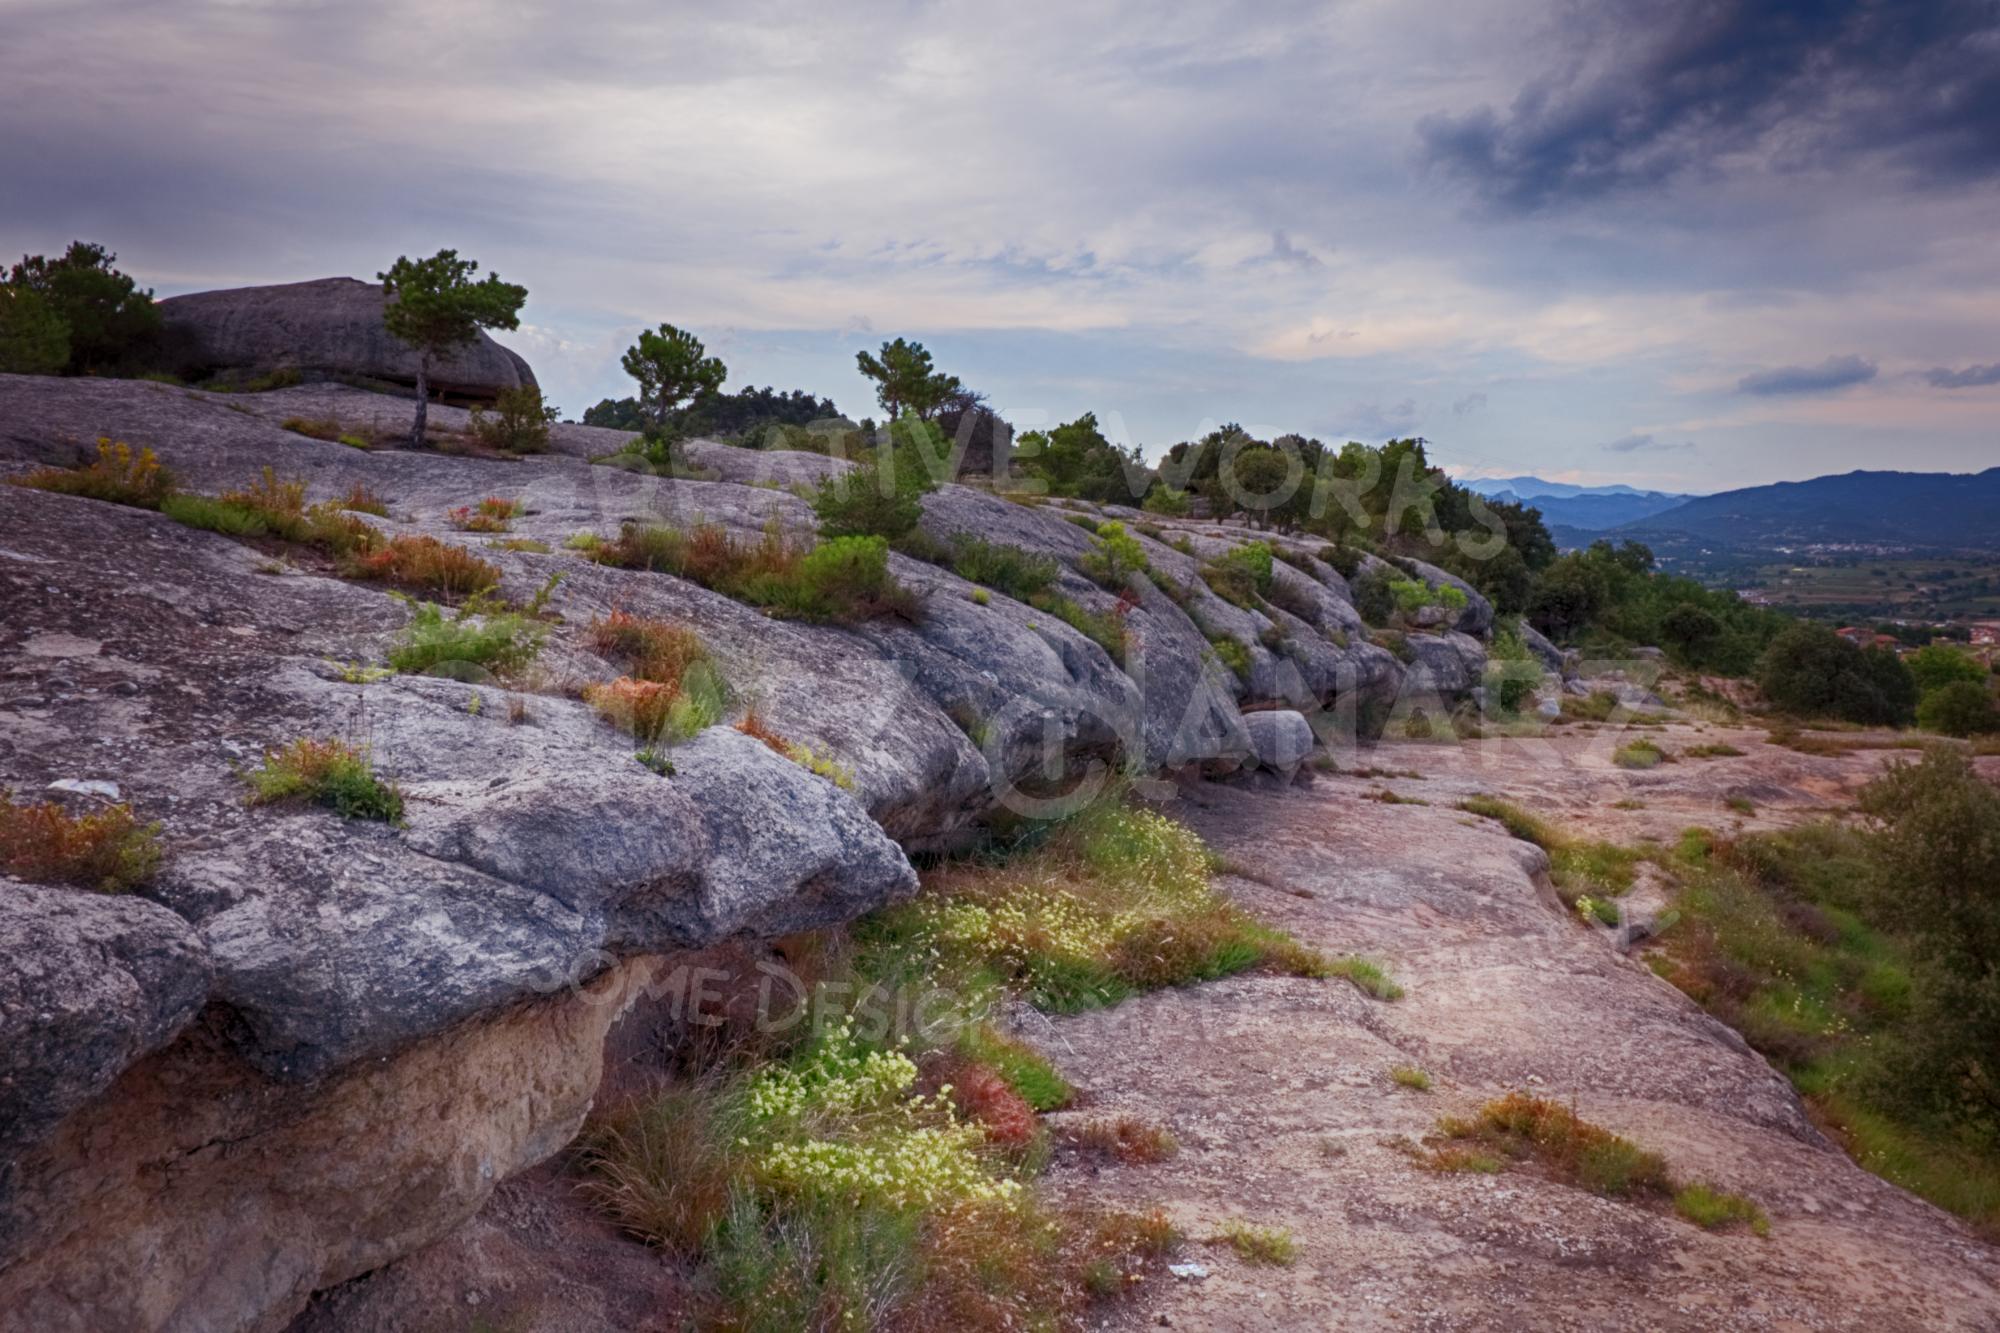 Rocky Landscape Photo example image 1